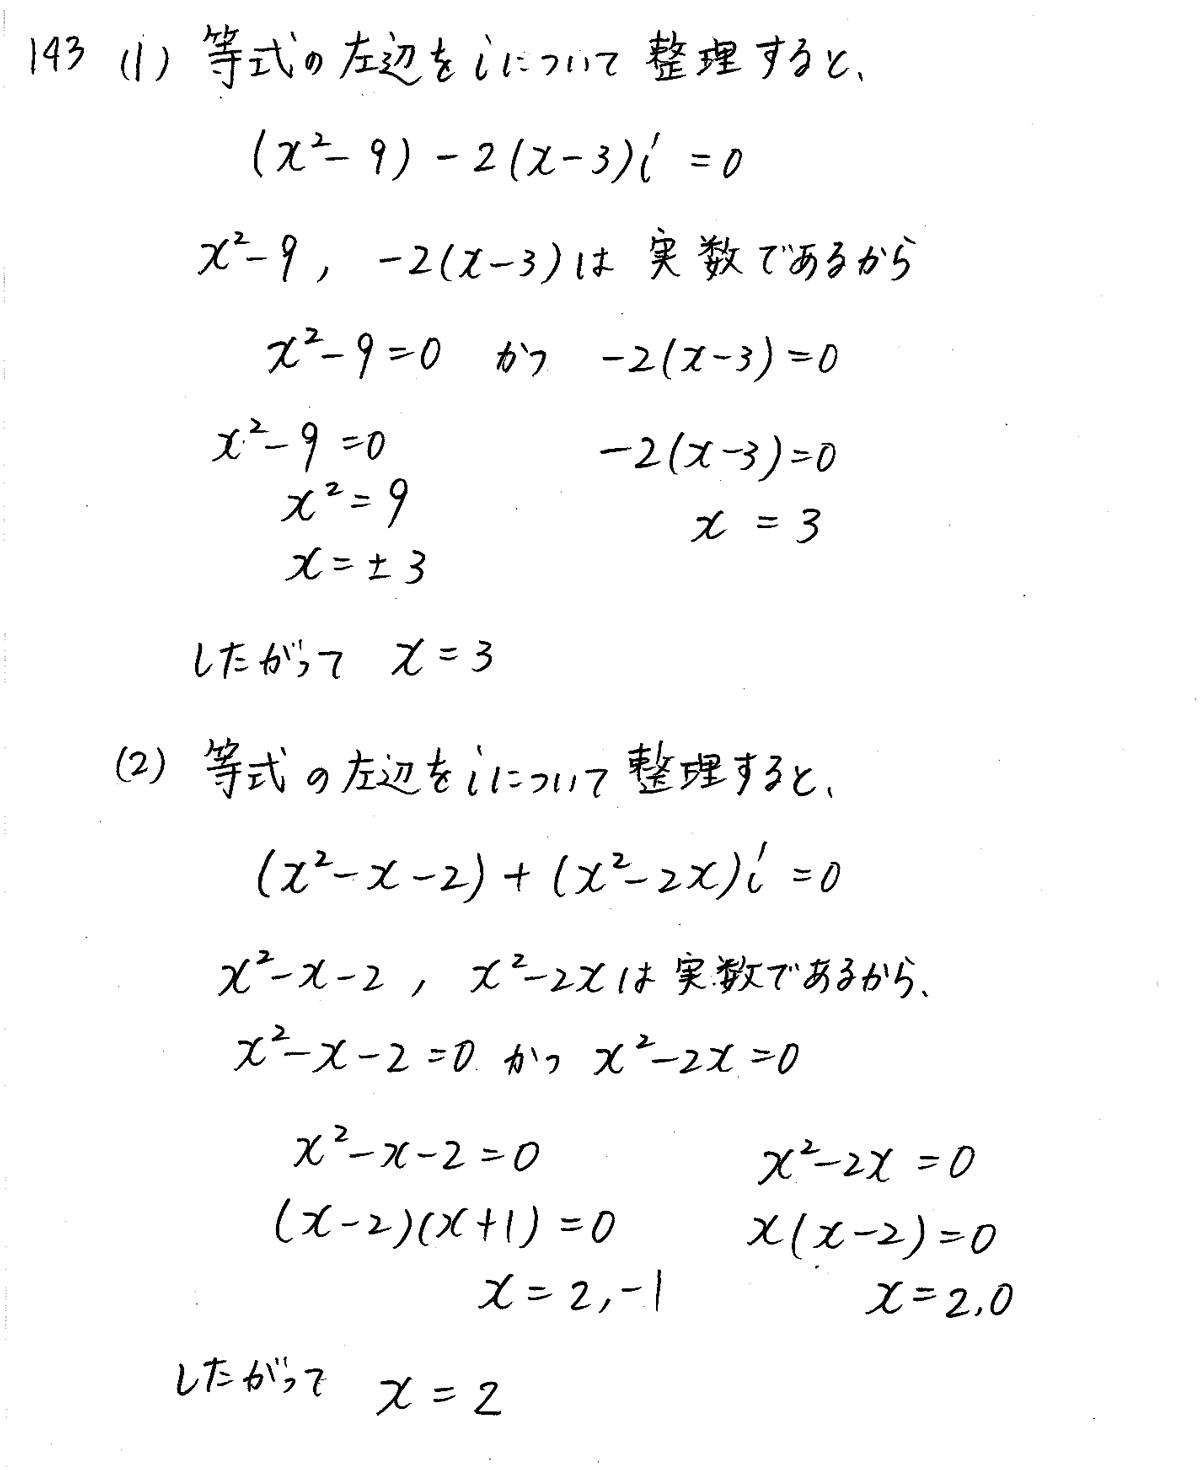 クリアー数学2-143解答